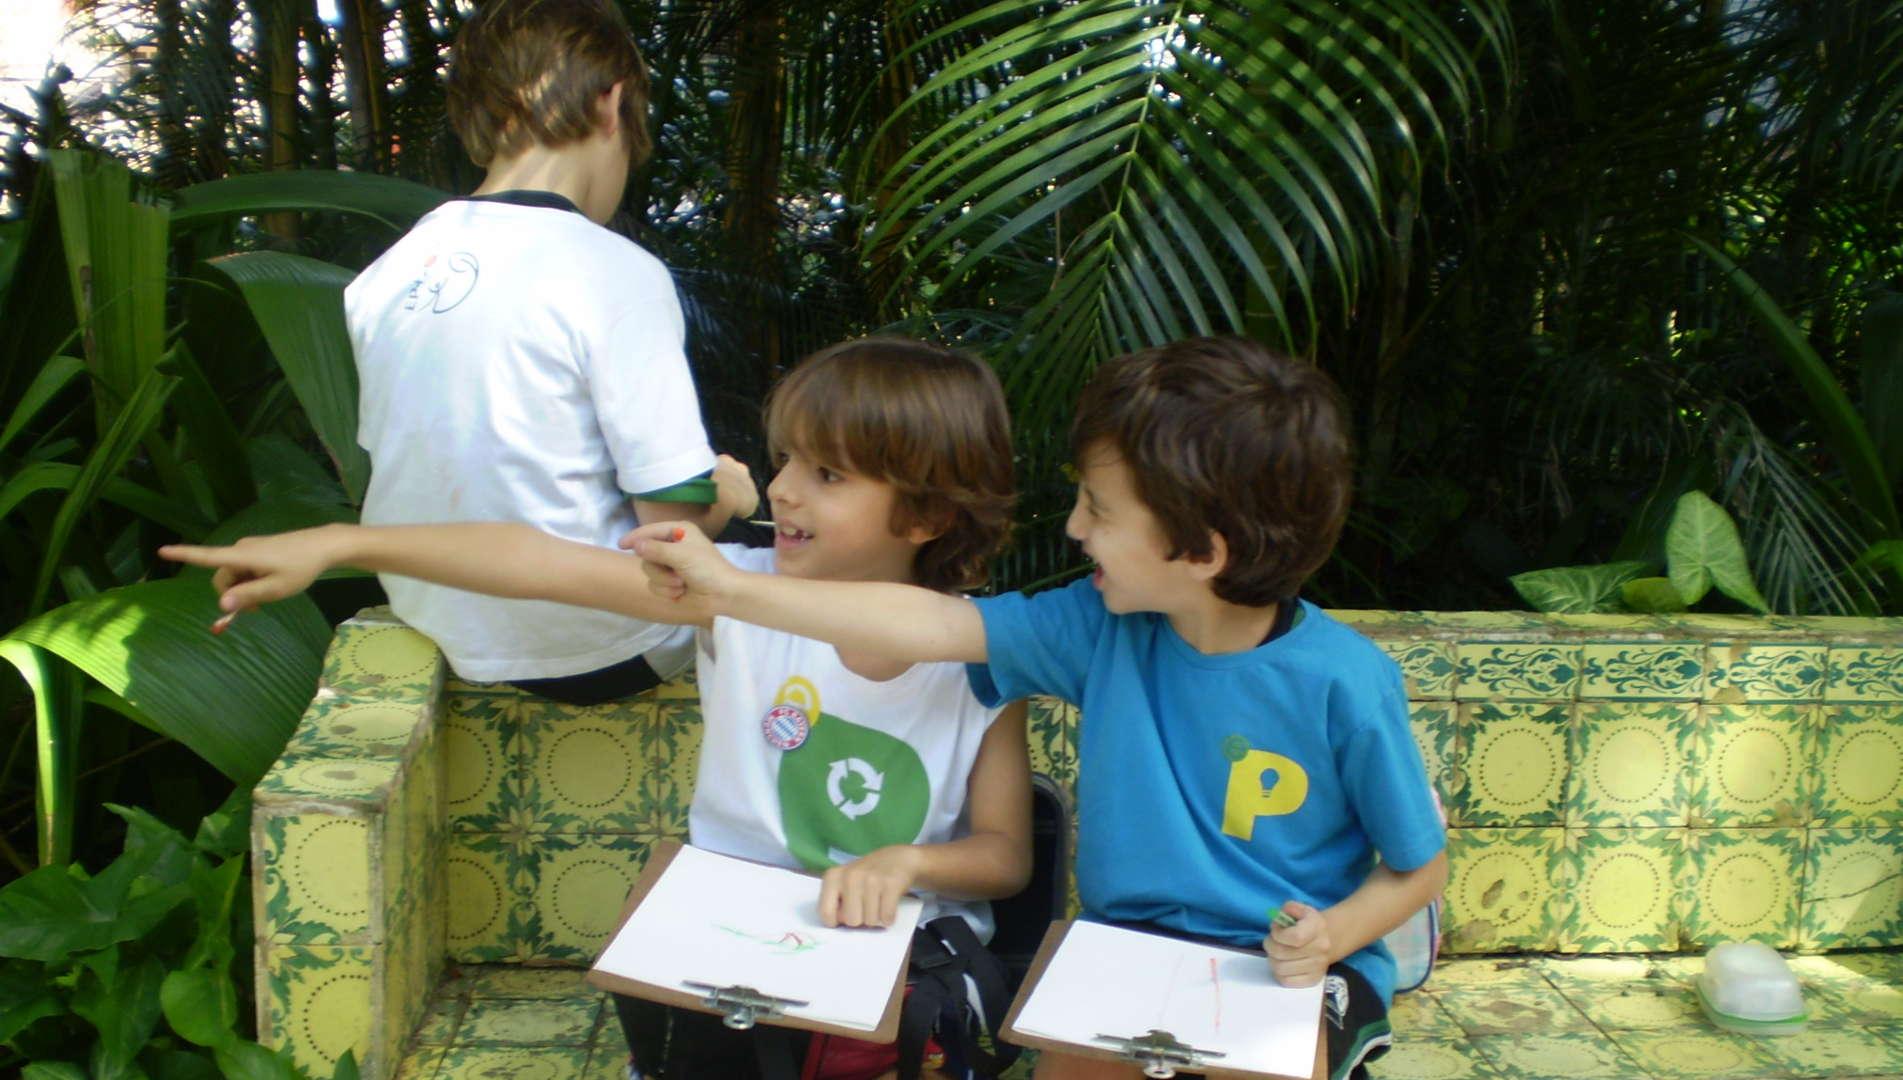 Participantes de uma das visitas agendadas ao IMS Rio / Acervo IMS